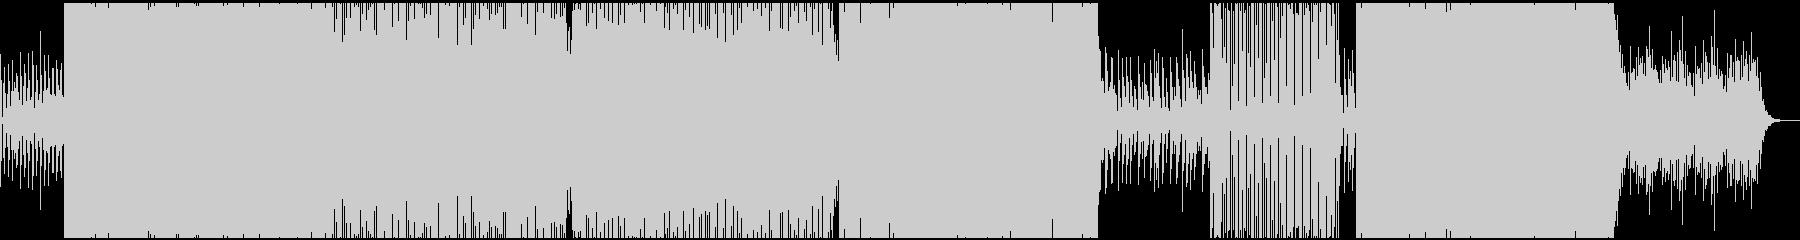 キラキラしたどこか切ないBGMの未再生の波形